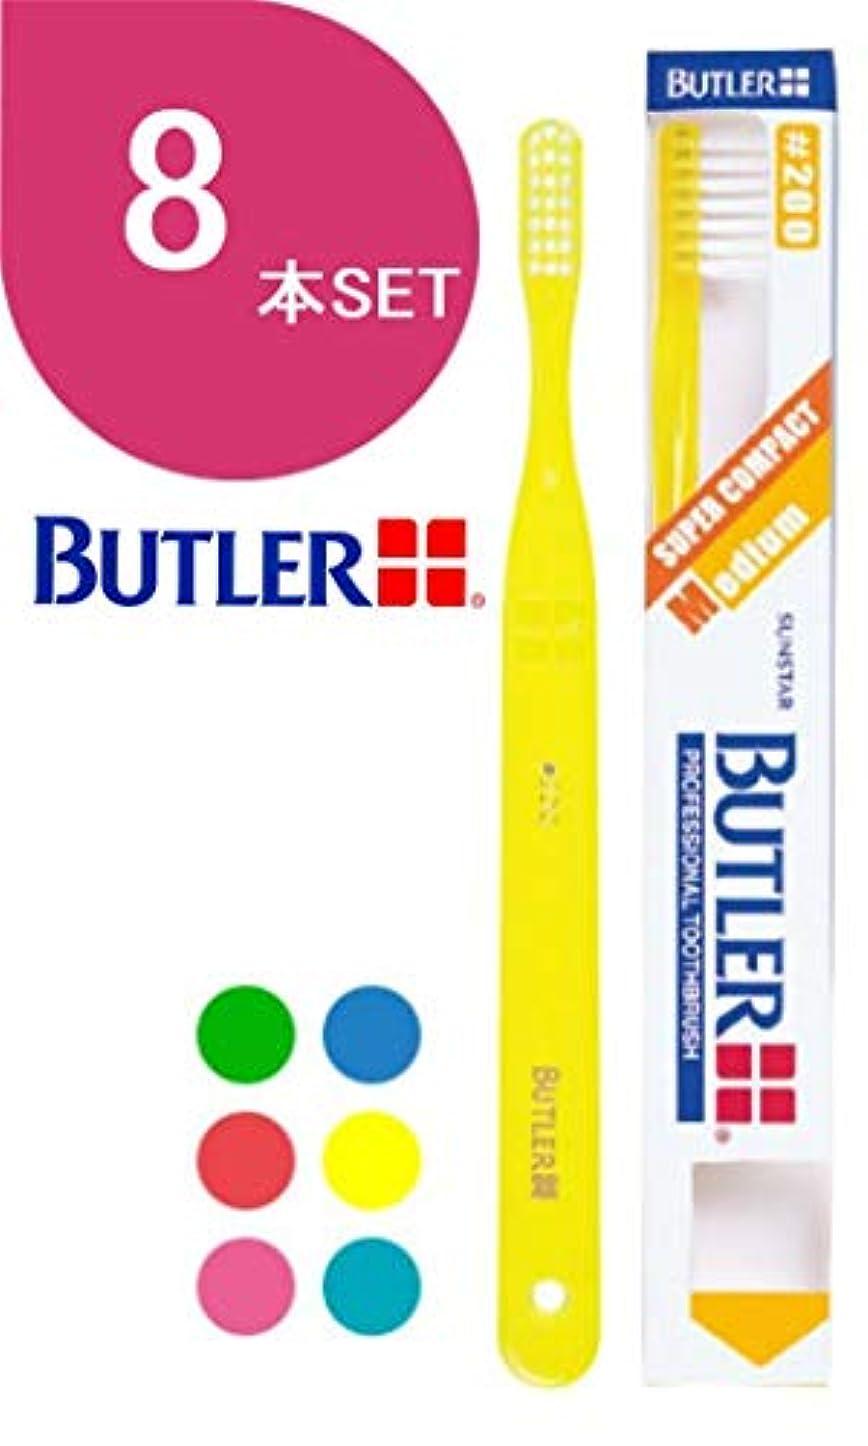 ばかげている体現するいまサンスター バトラー(BUTLER) 歯ブラシ 8本 #200